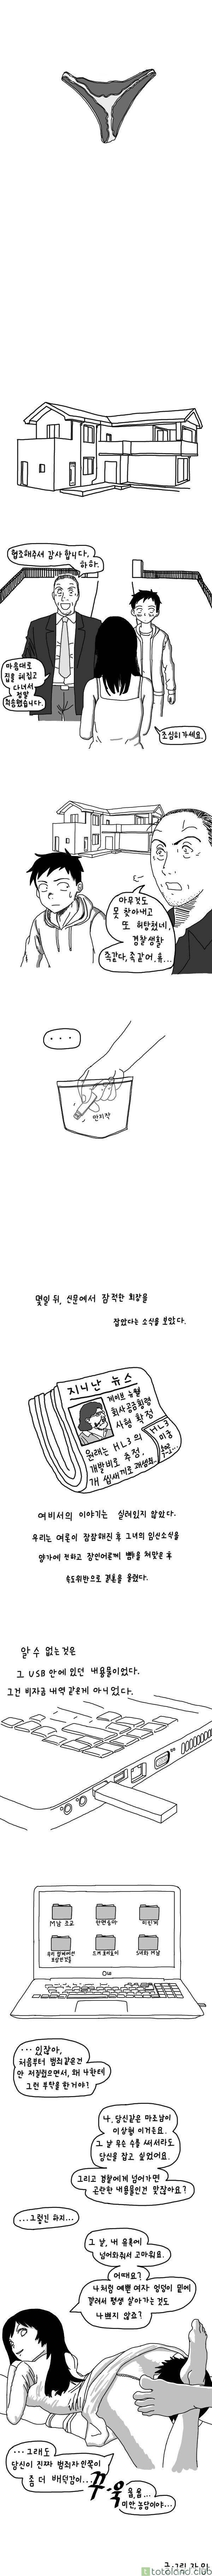 ㅎㅂ)대기업 회장의 여비서의 집을 수색하는.manhwa